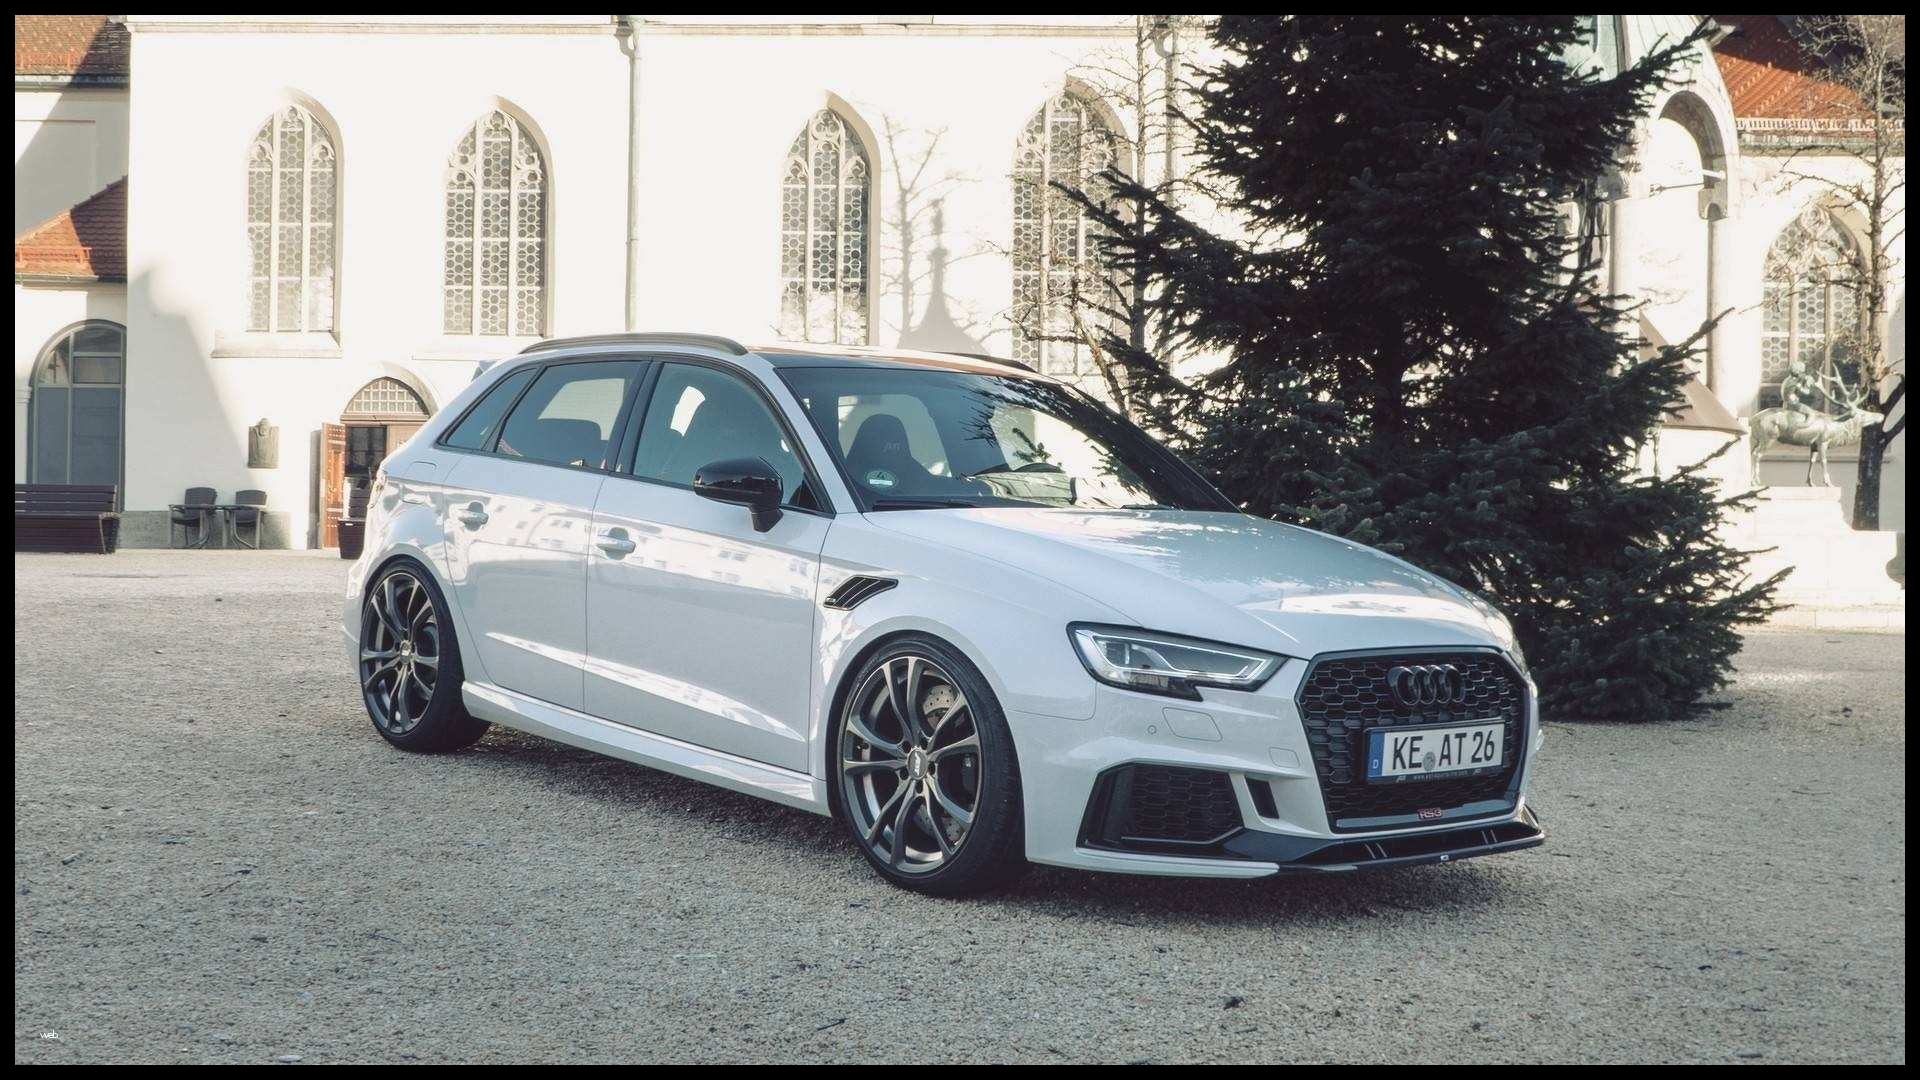 Audi Rs3 Hatchback Luxury Special Audi Rs3 2018 Sportback Vyladené Audi Rs3 Sportback Od Abt